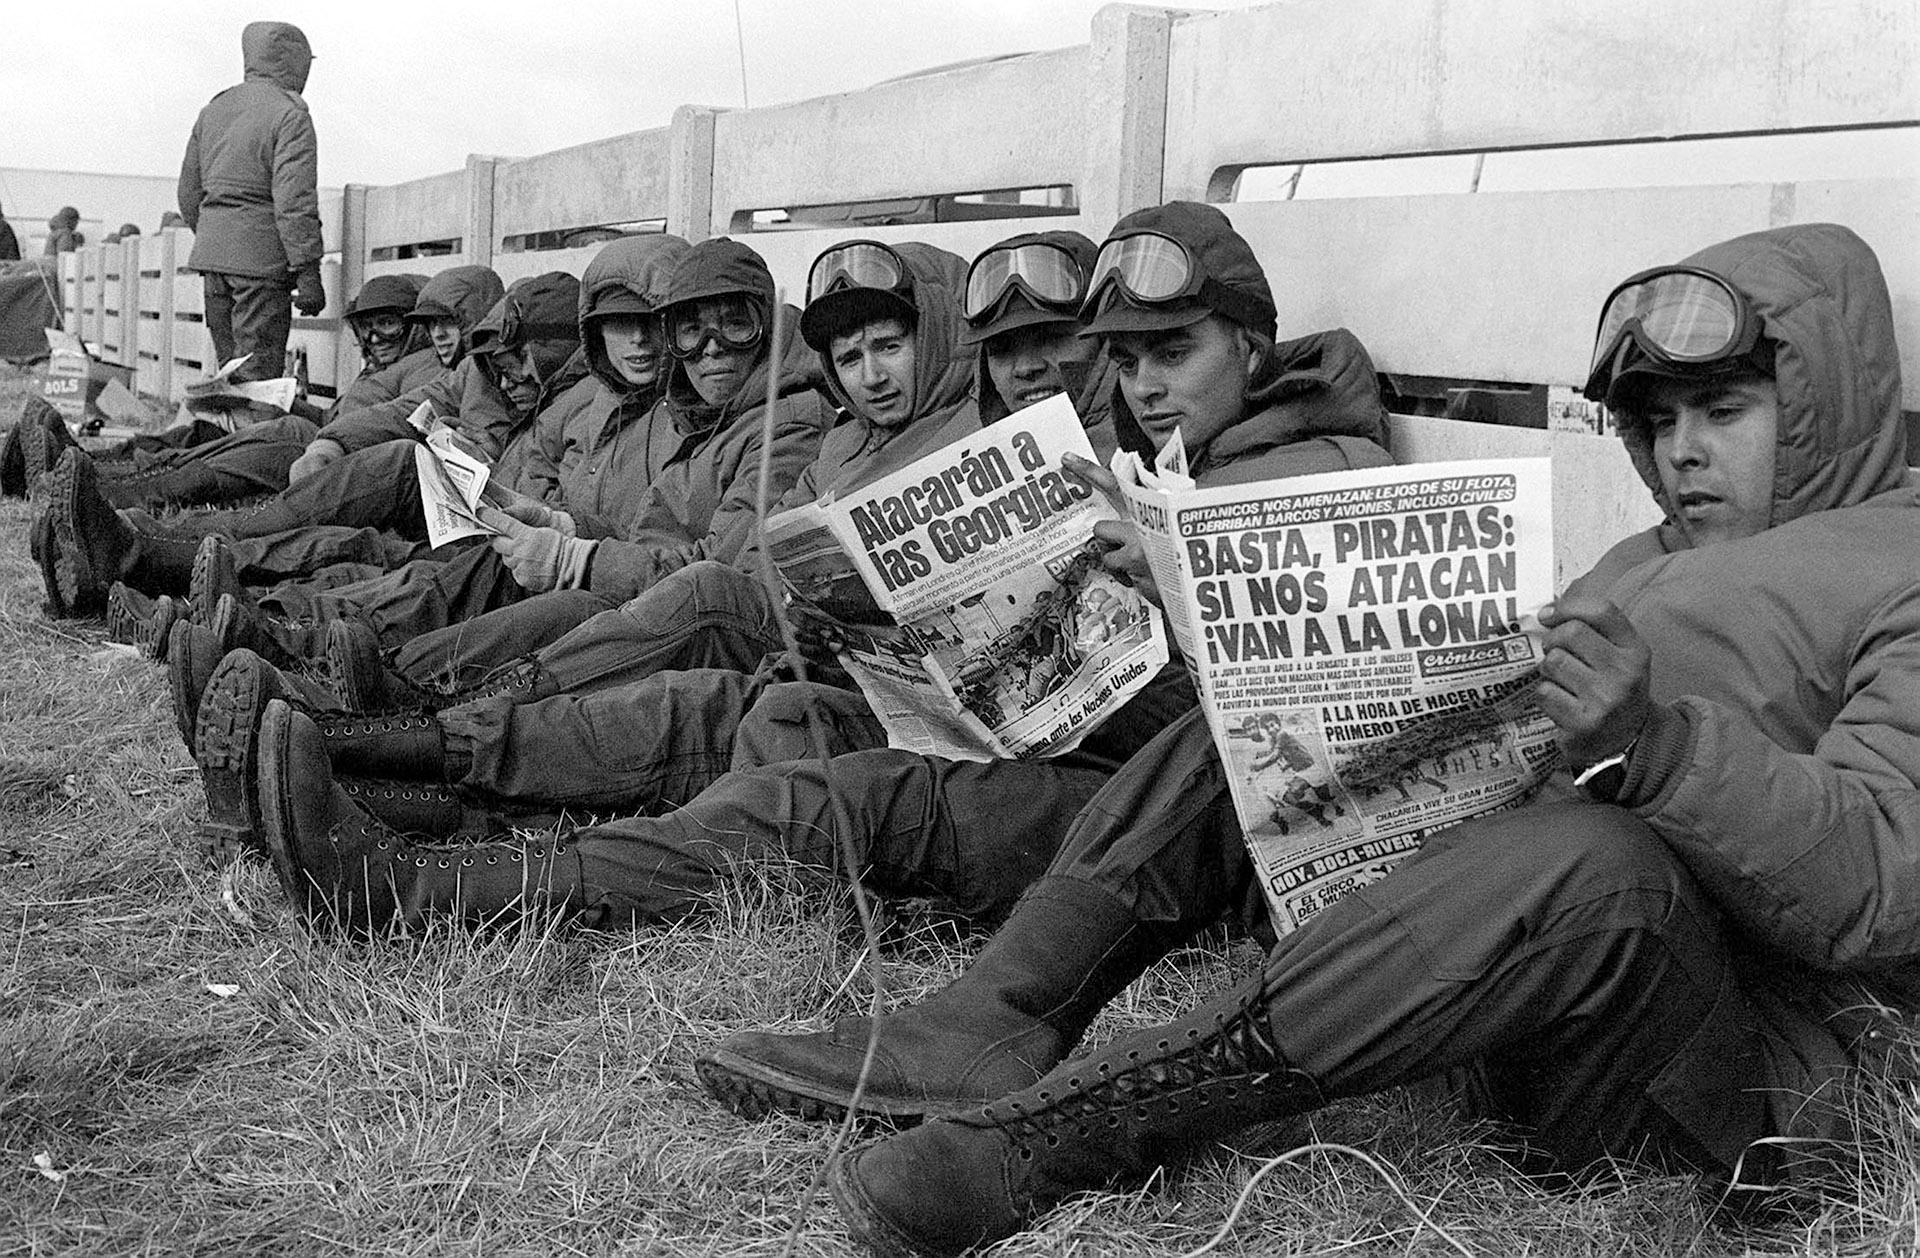 Todo es expectativa e incertidumbre. En un alto luego del almuerzo, los soldados palpitan las noticias que preanuncian lo que vendrá (Foto: Román von Eckstein)